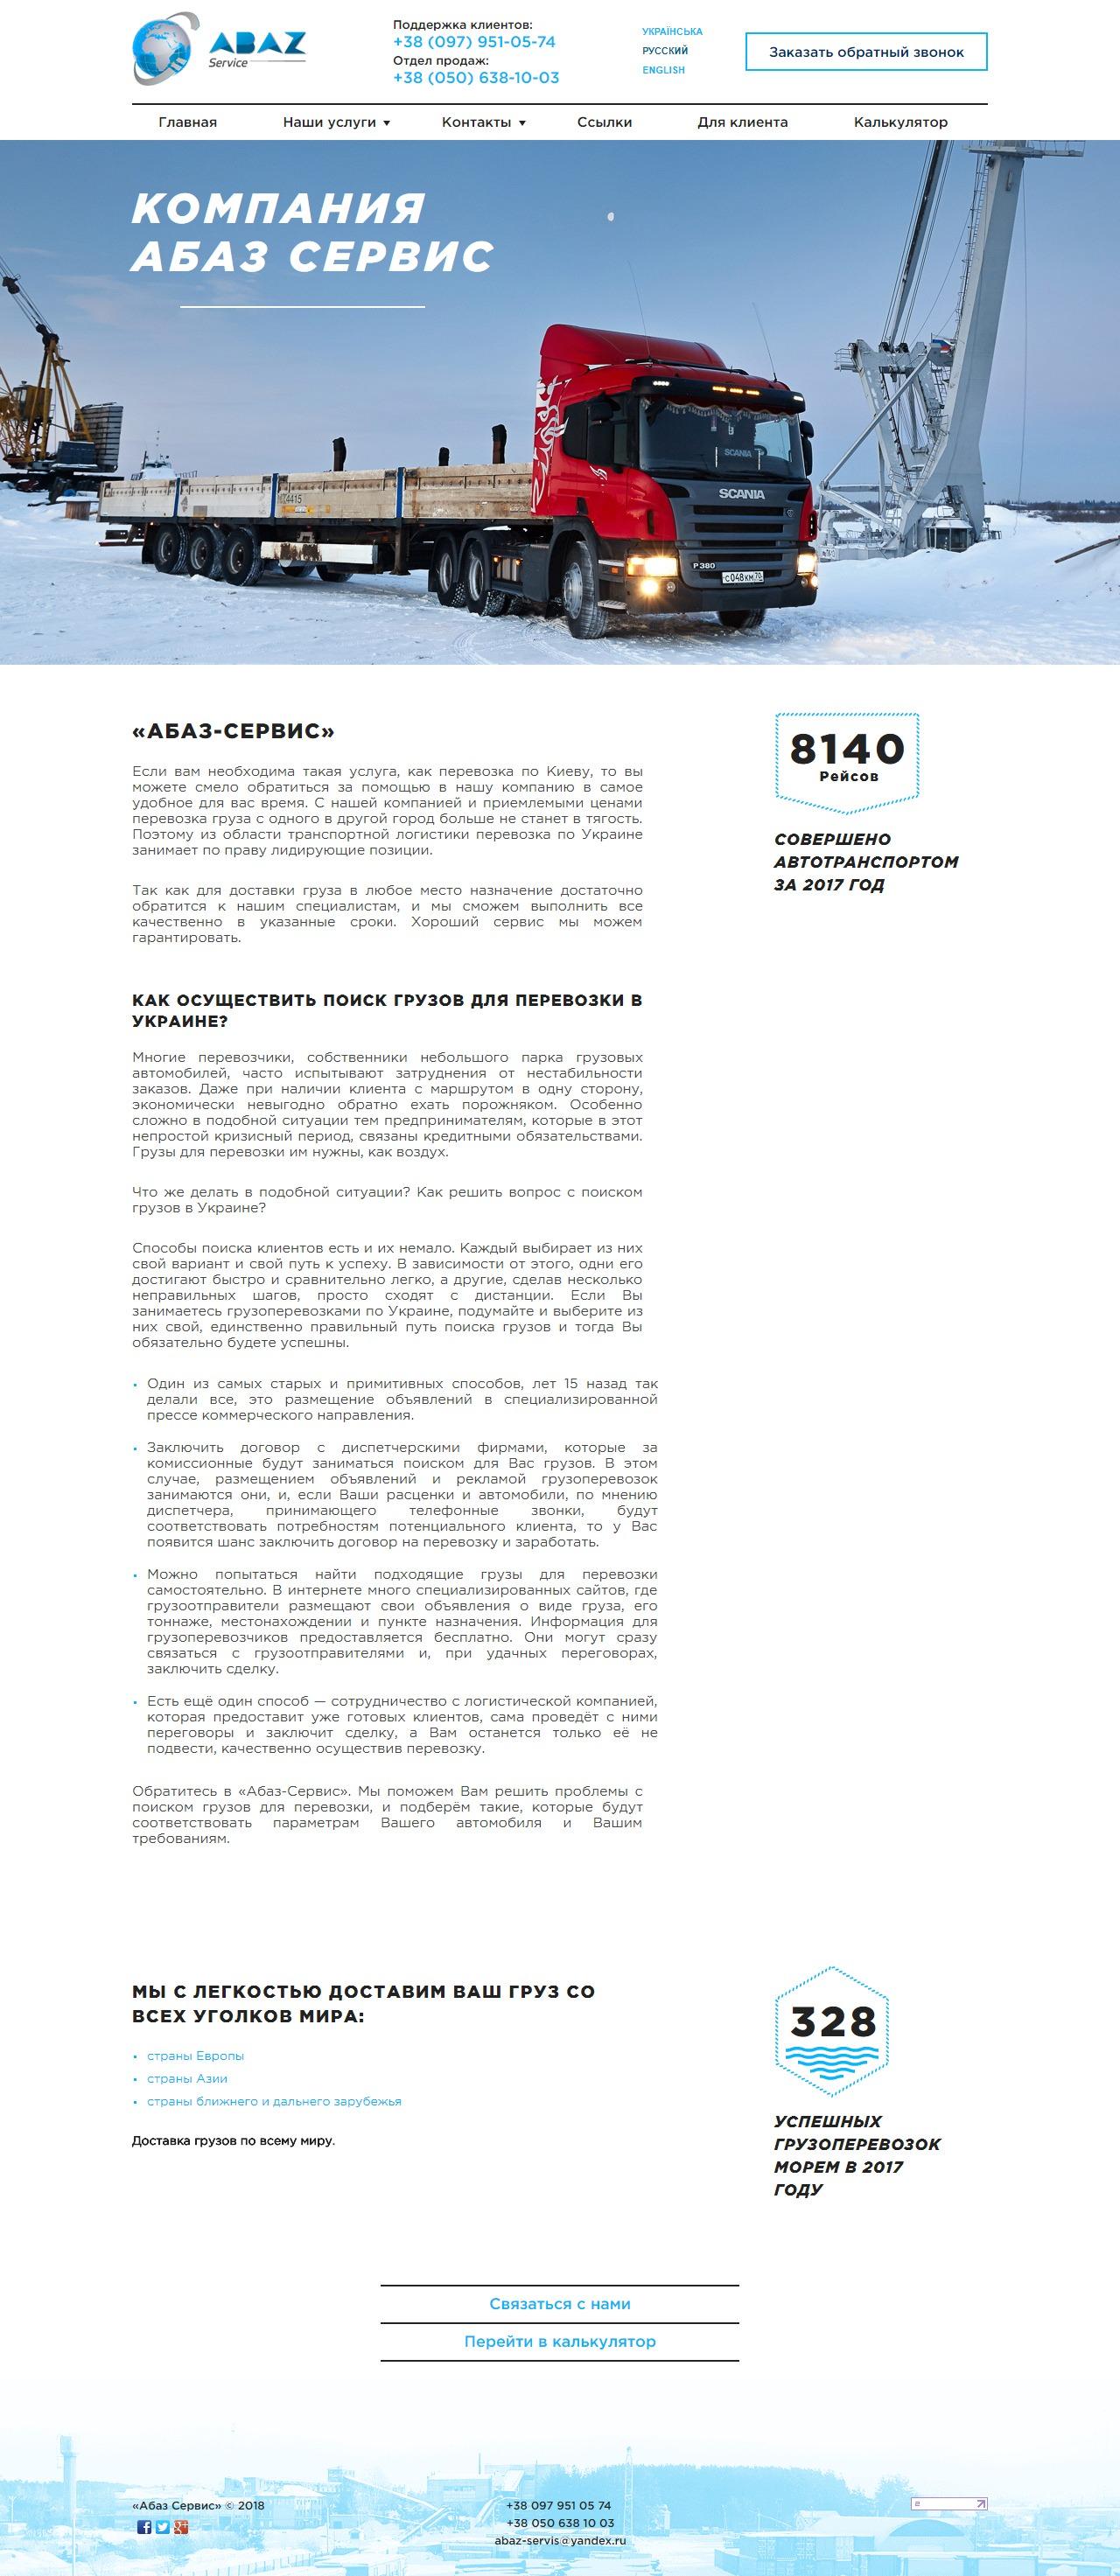 """Сайт транспортной компании """"АБАЗ Сервис"""" (Украина)"""